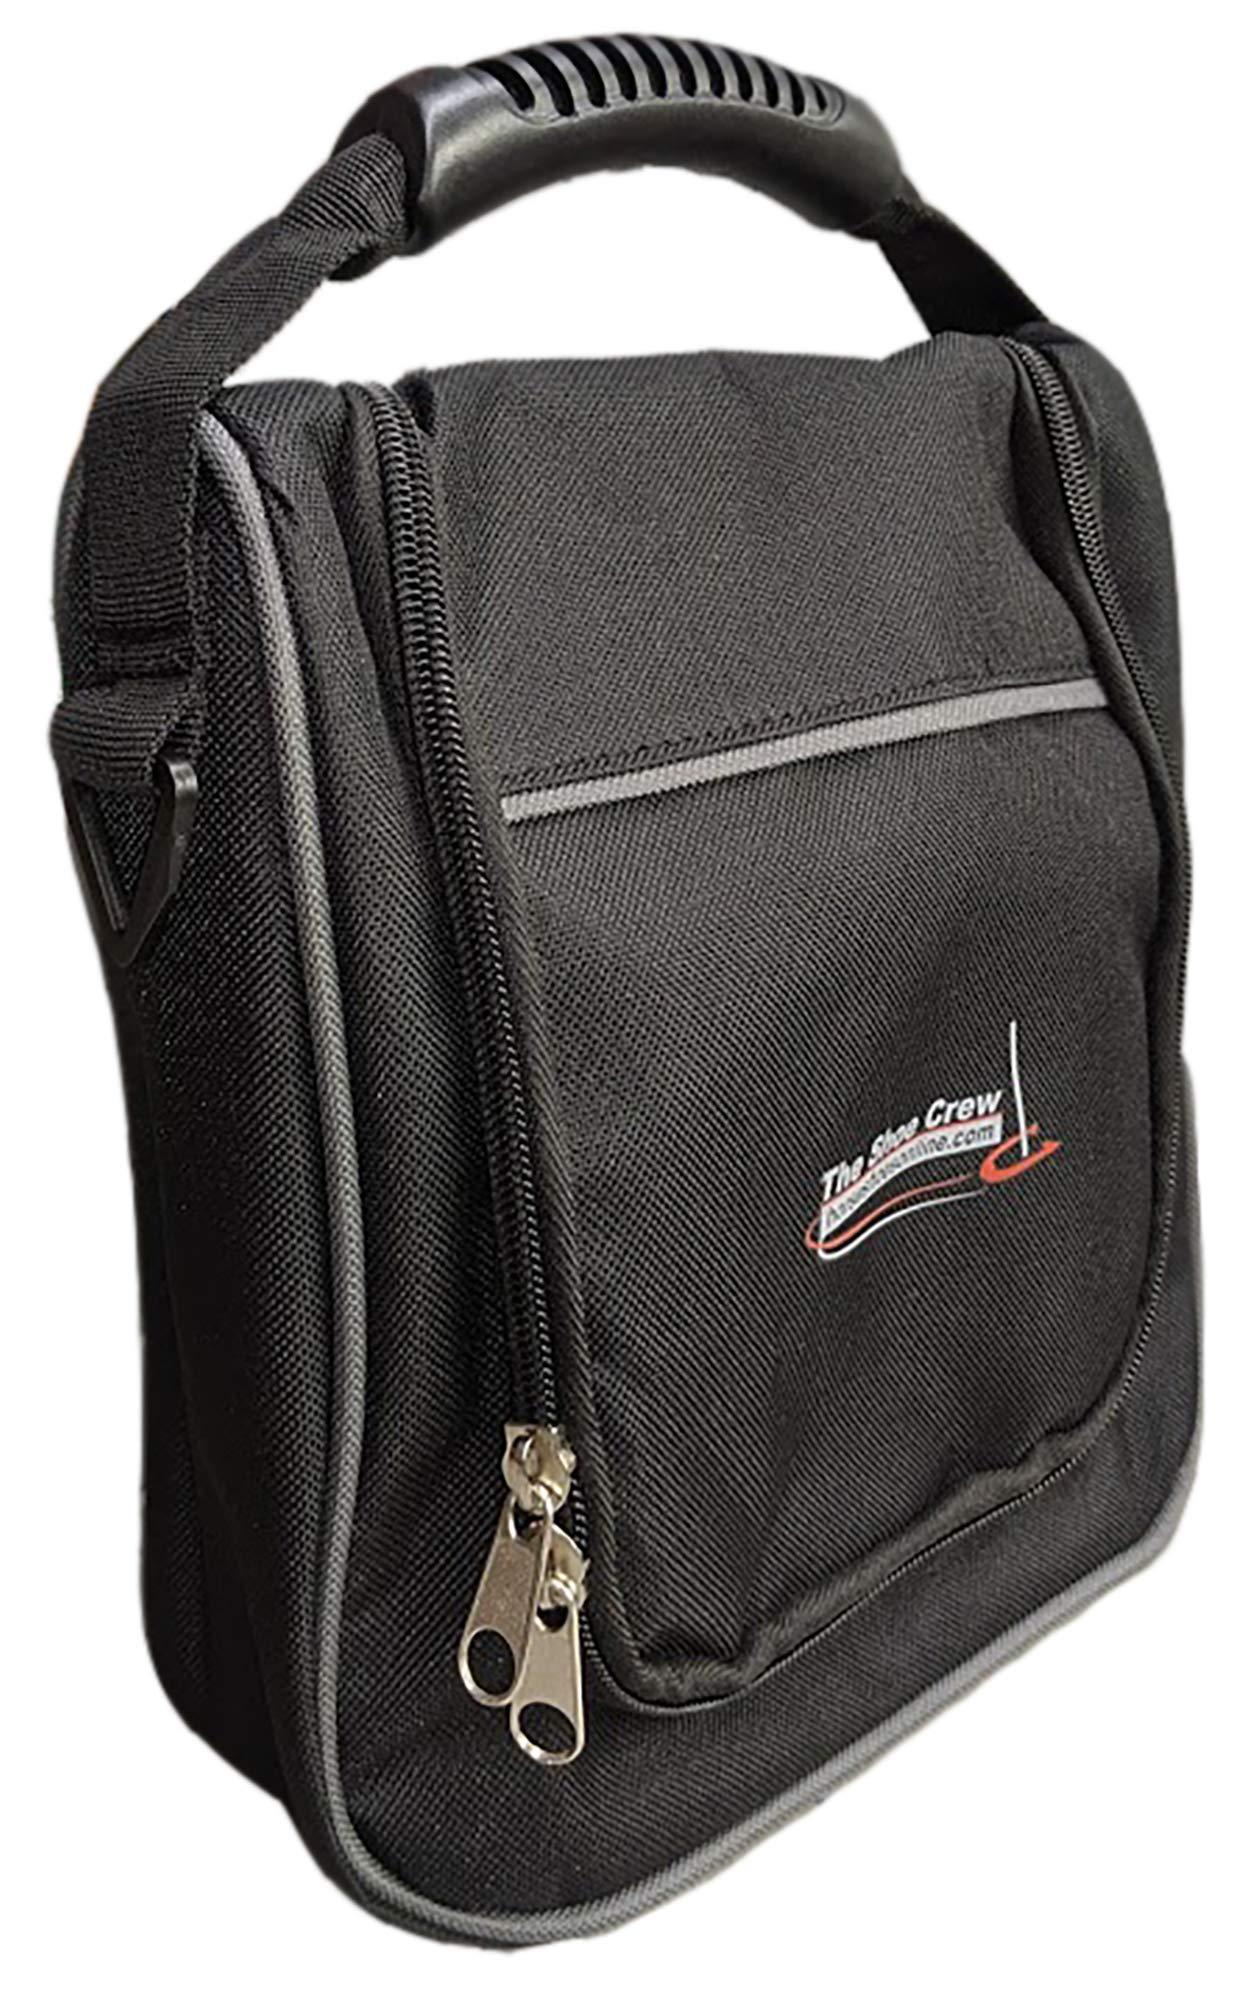 Compact Horseshoe Carrying Bag by Thoroughbred Horseshoes horseshoesonline.com